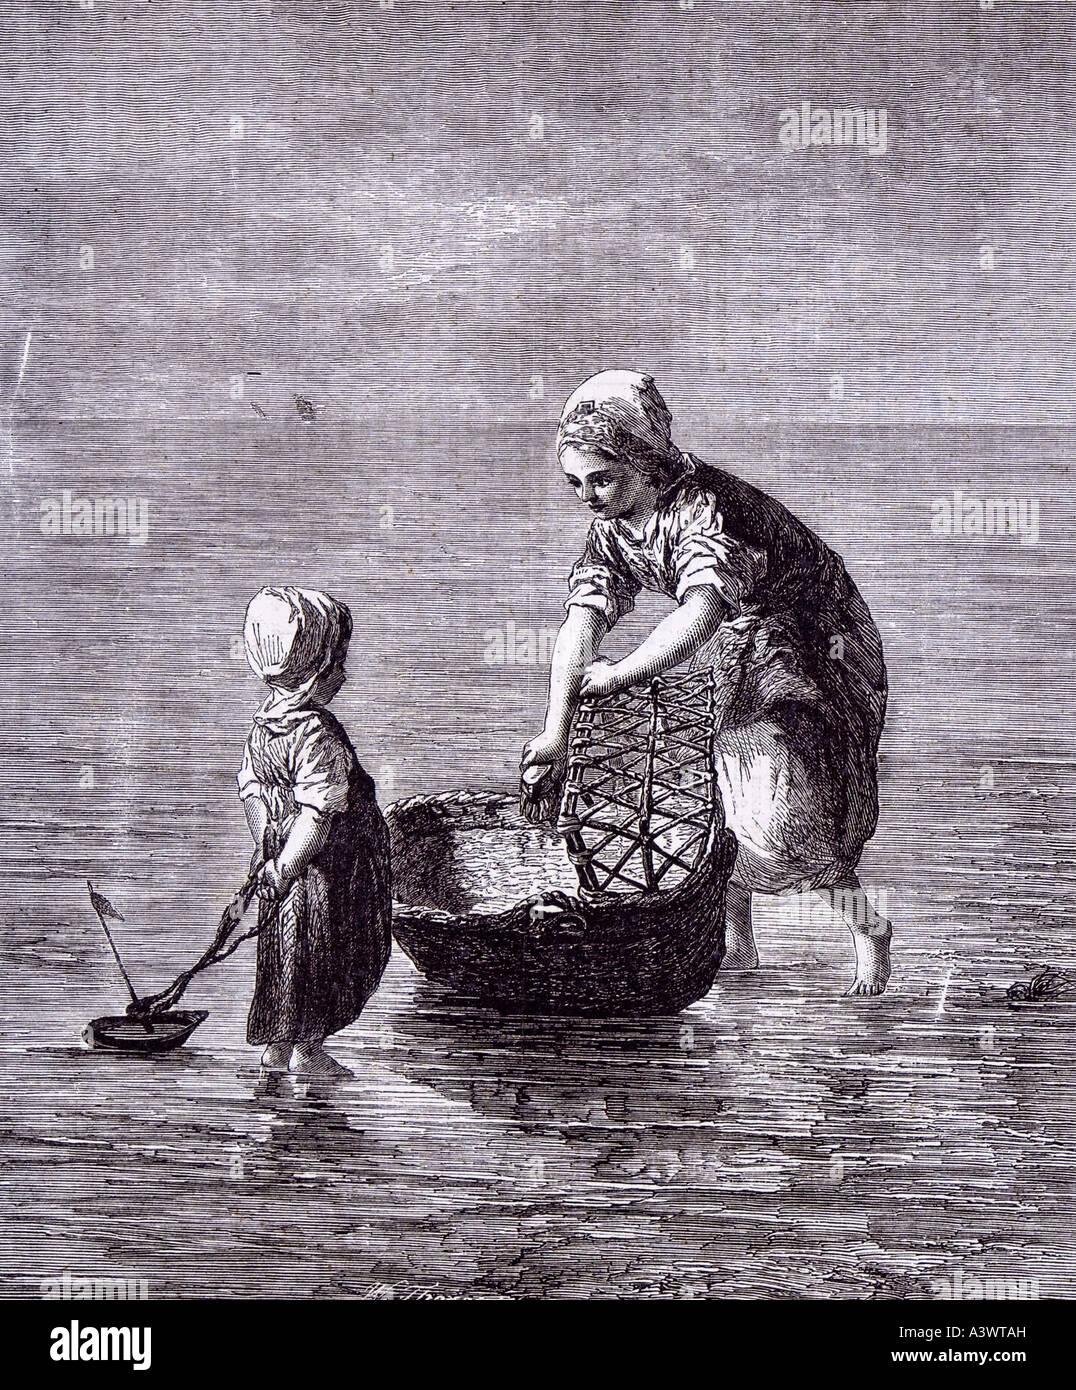 Art artiste néerlandais soeur enfant bateau mer couffin lit bébé Lit bébé lit-bébé Photo Stock